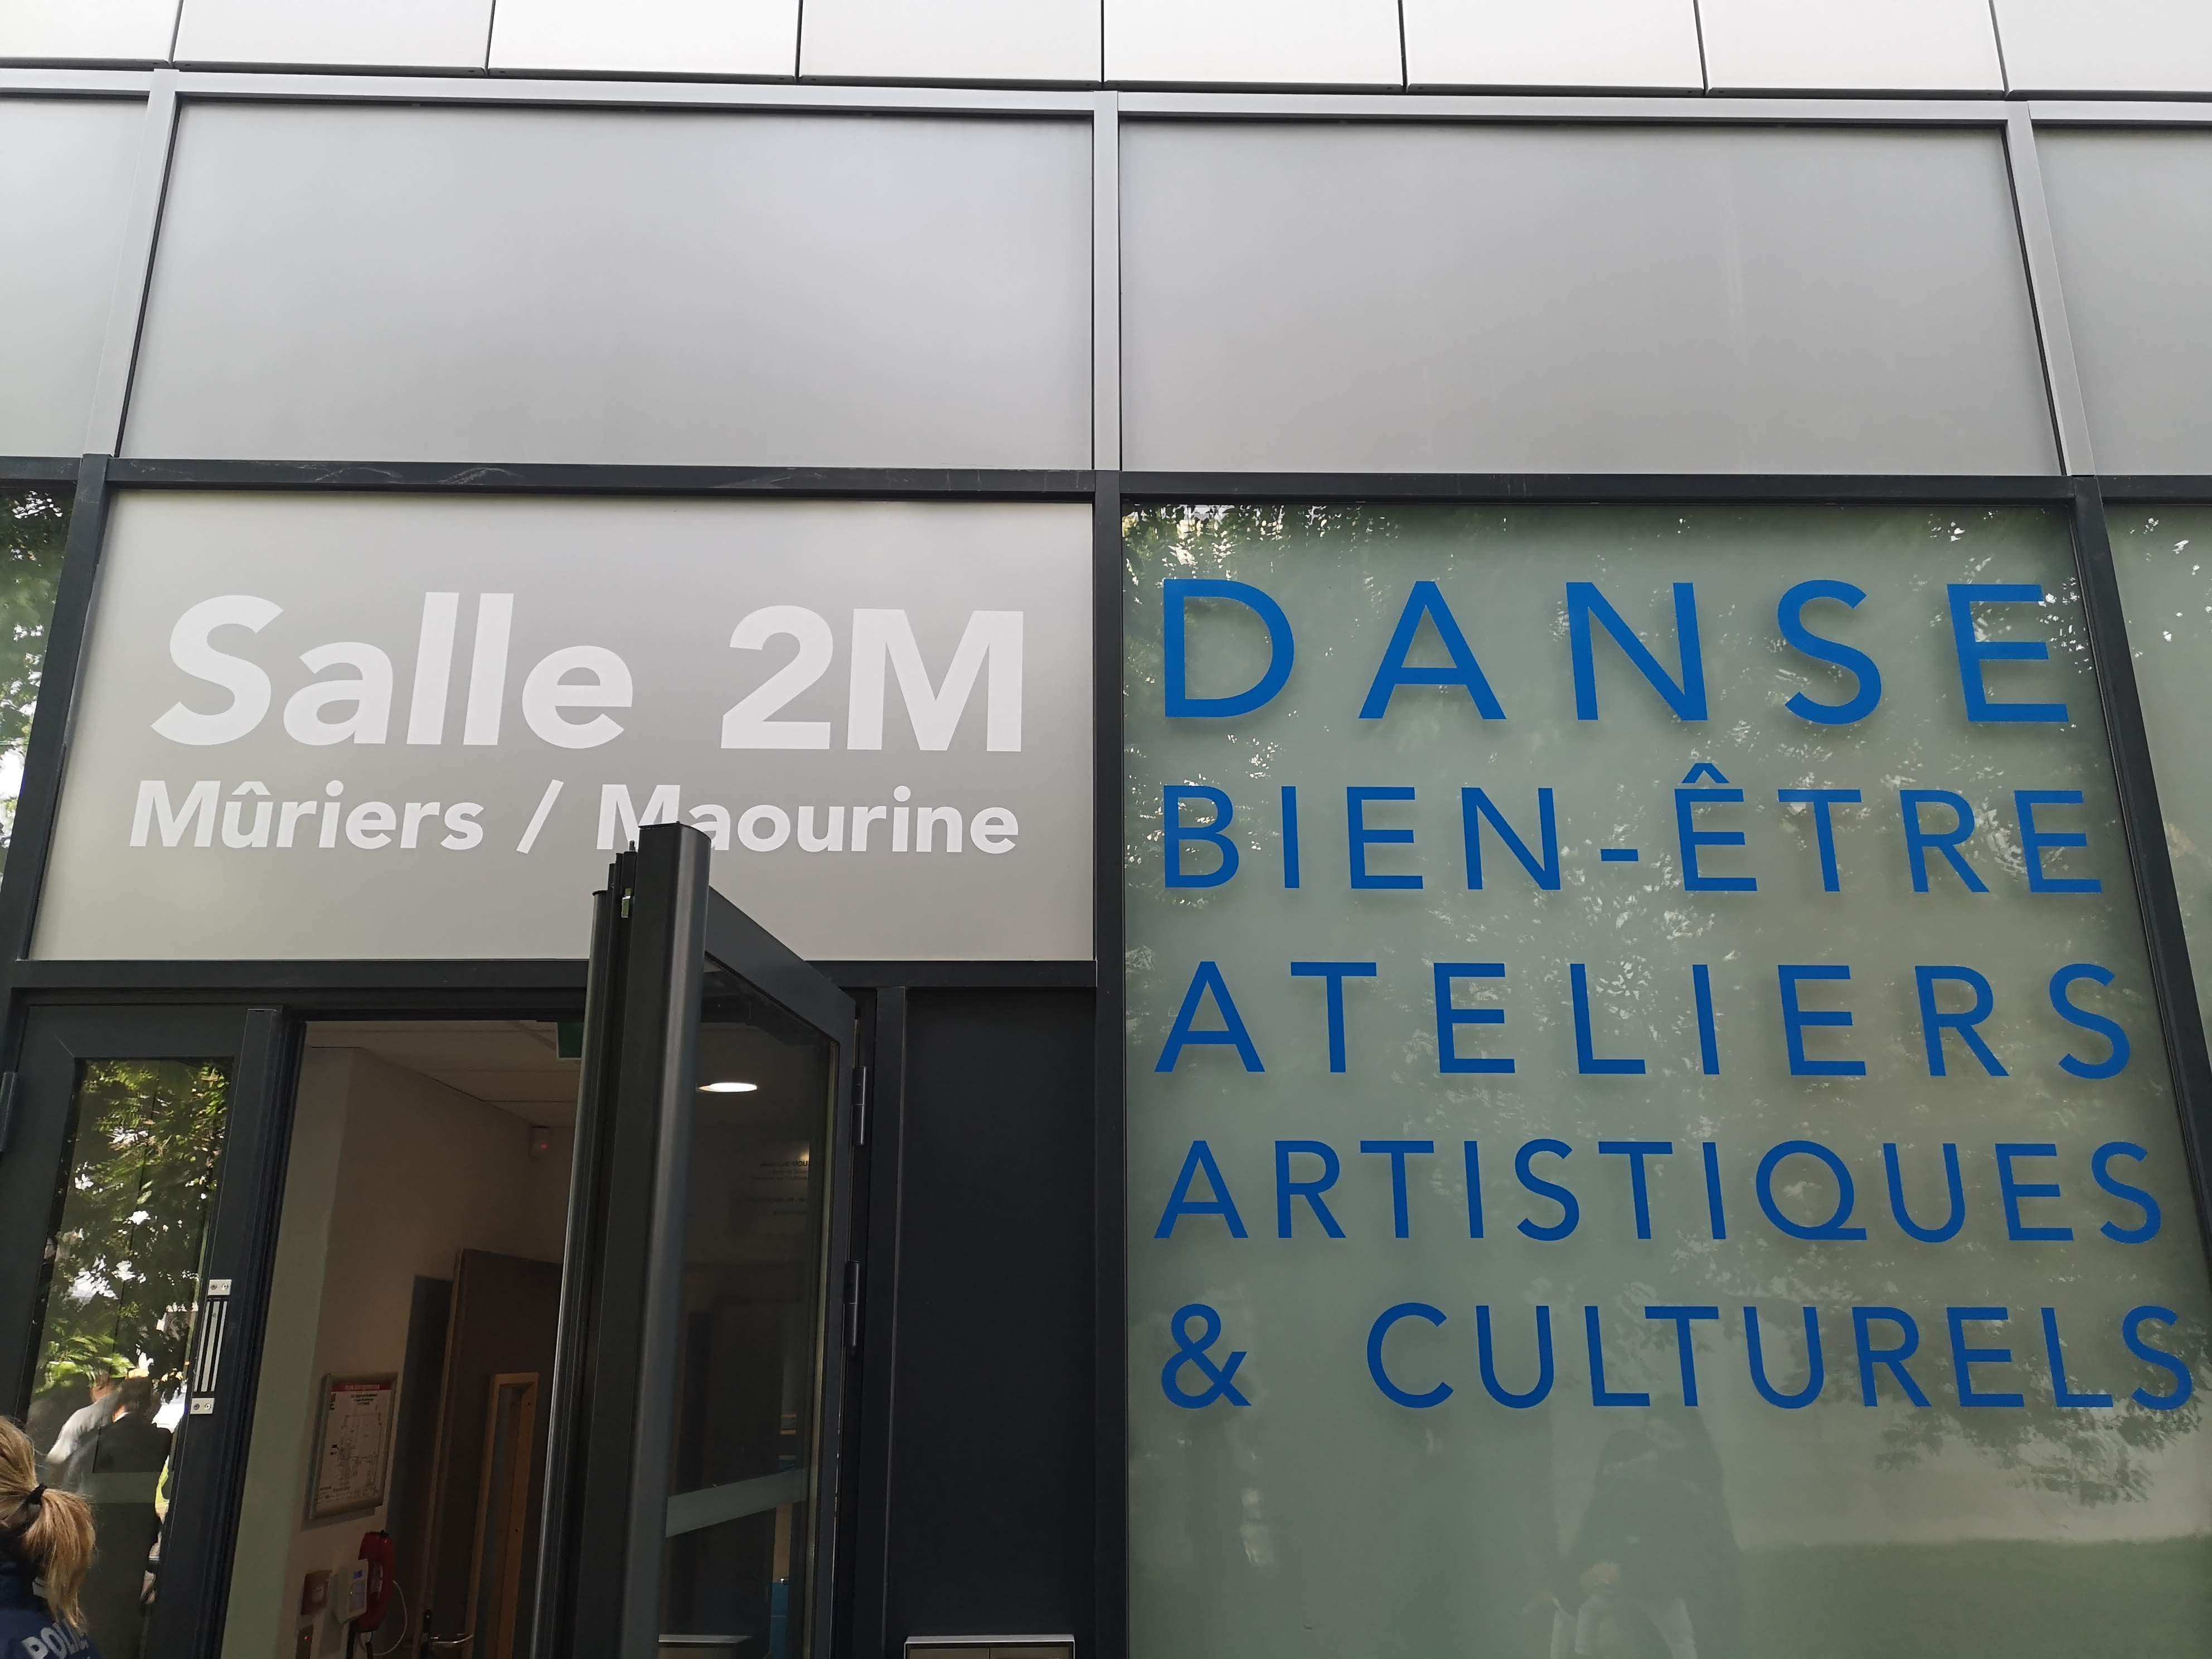 Nouvelle Salle Les Ateliers 2019 2020 A Borderouge La Mjc De